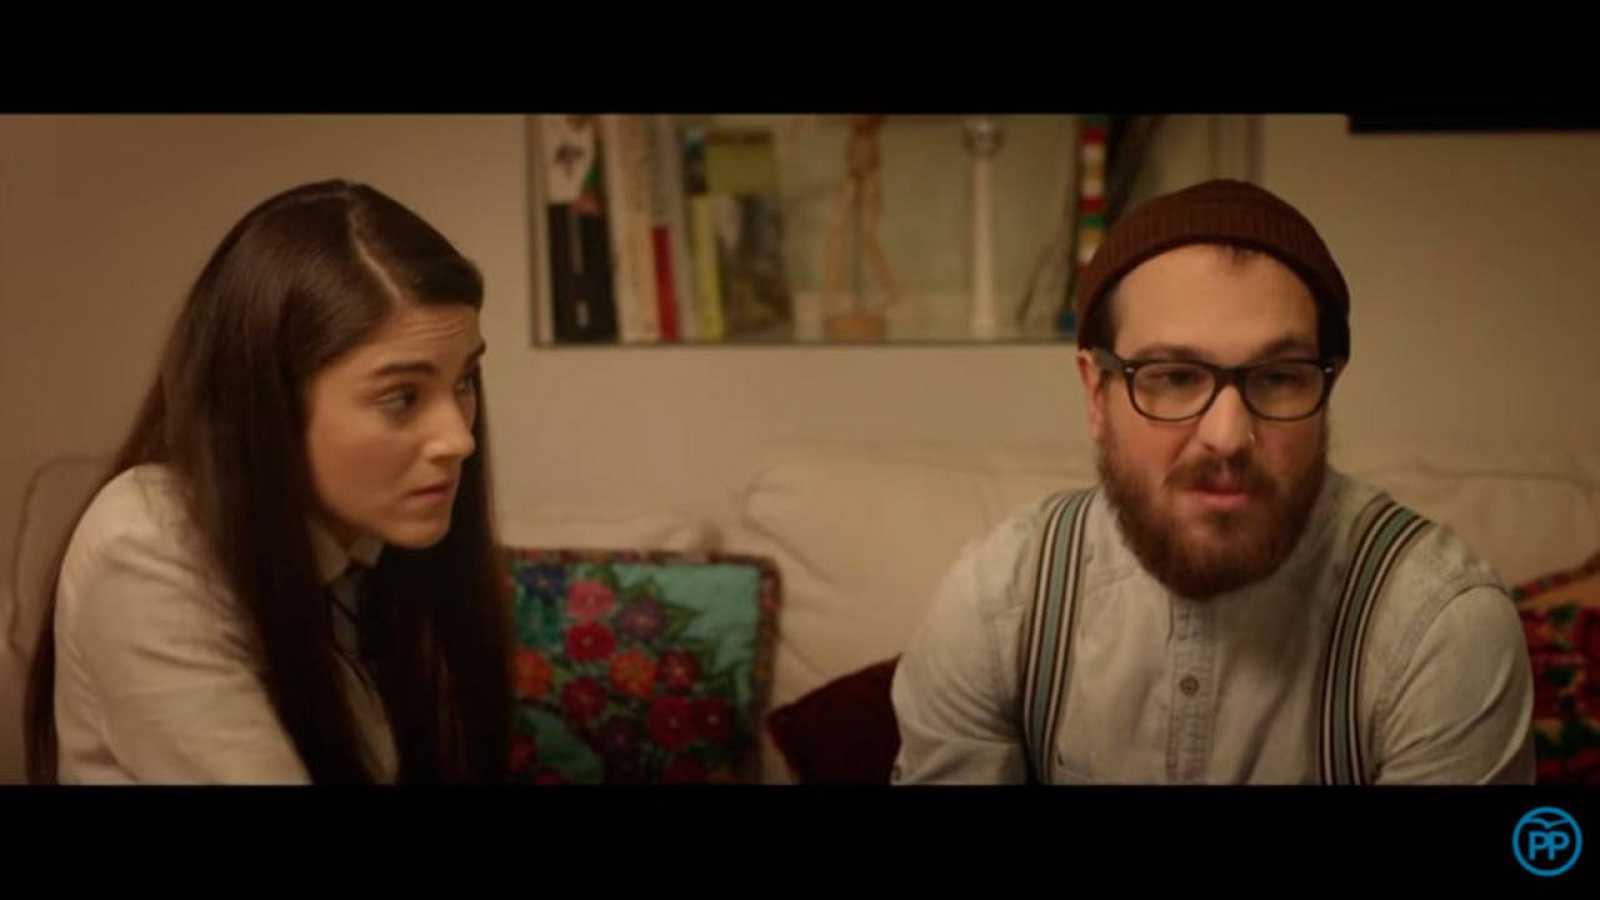 Raúl es el protagonista 'hipster' del nuevo vídeo electoral del PP